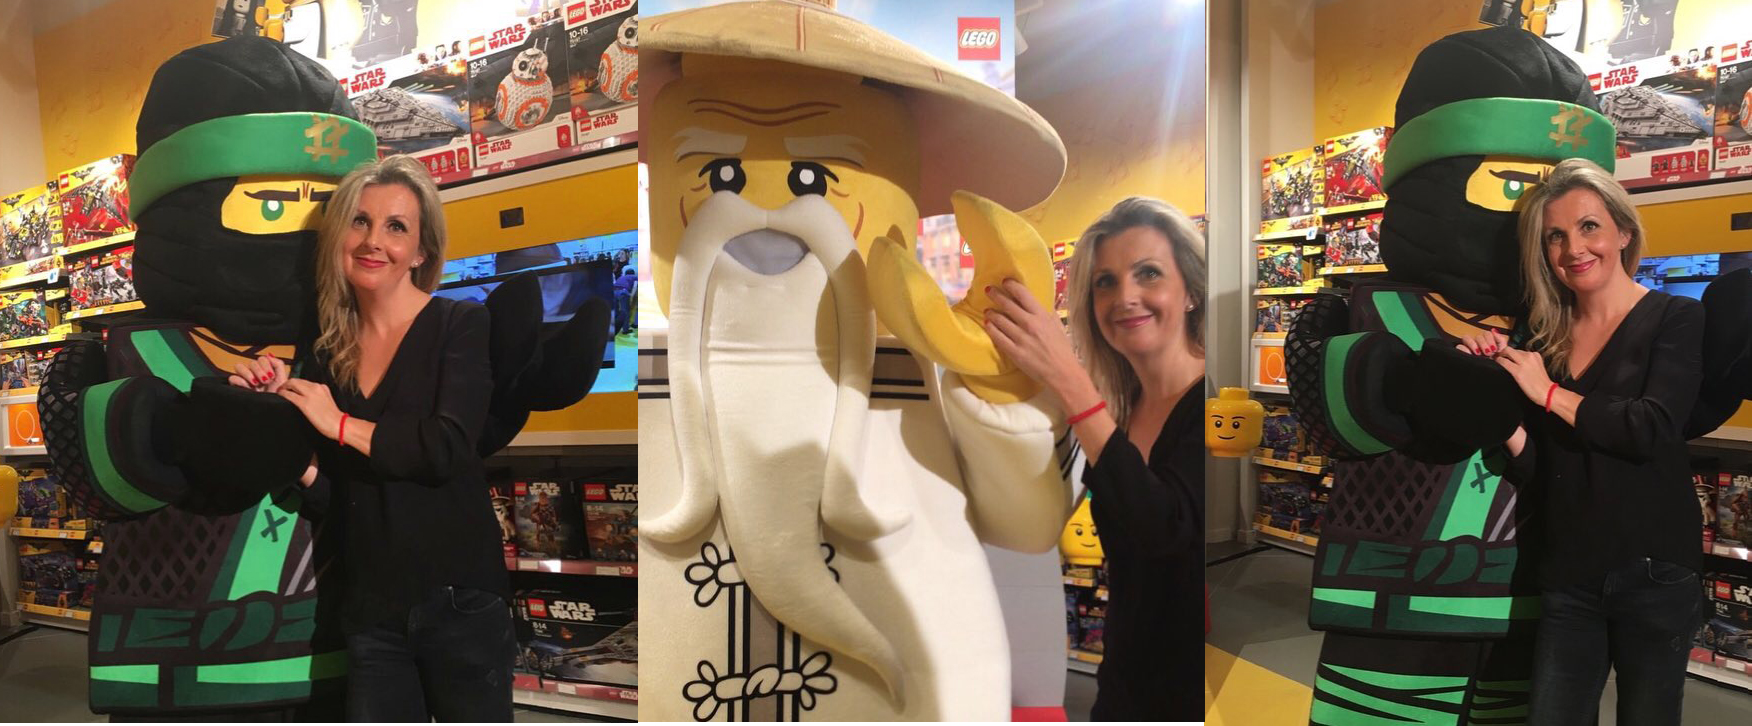 Susana Garcia Mi mamá tiene un blog - LEGO